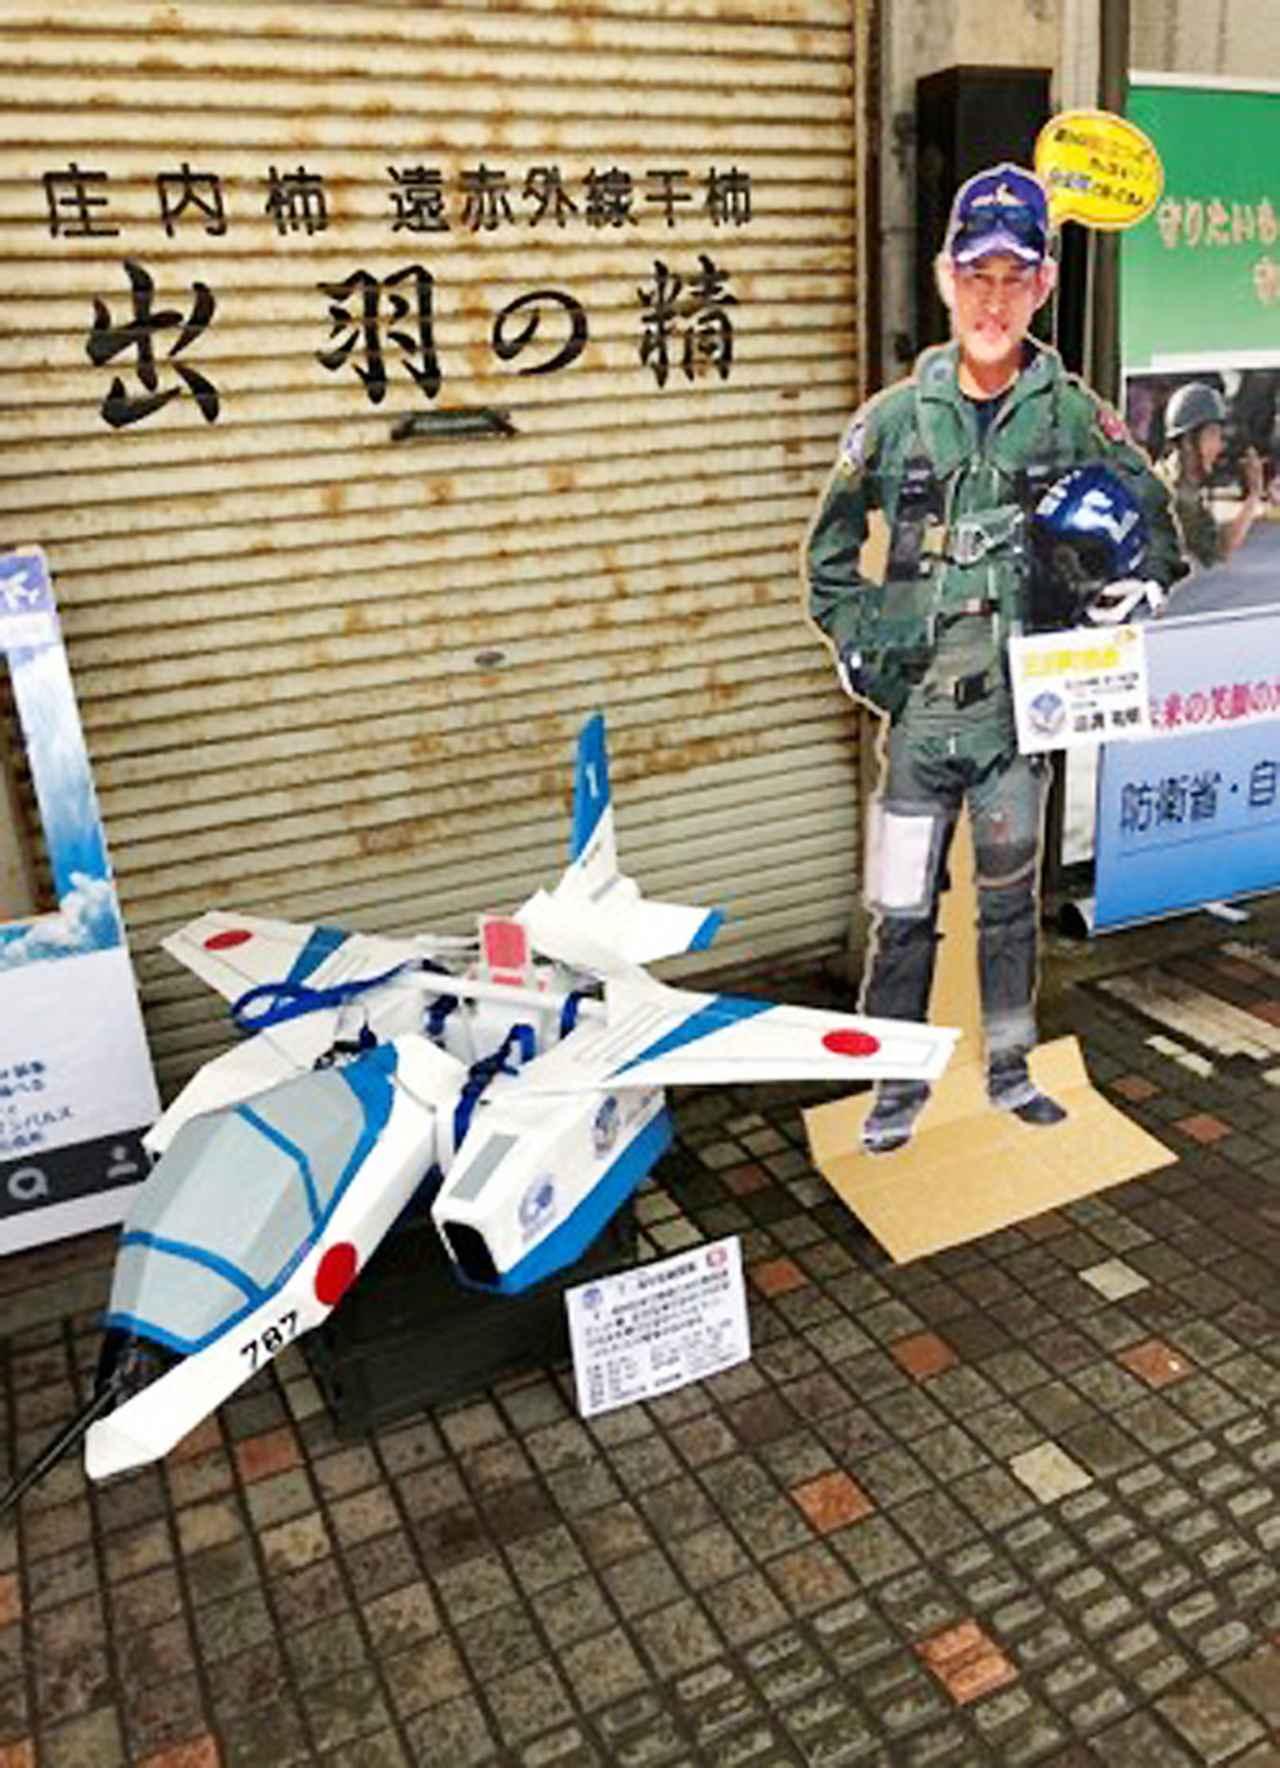 画像: T4模型とブルーインパルス飛行隊長遠渡2空佐の等身大パネル